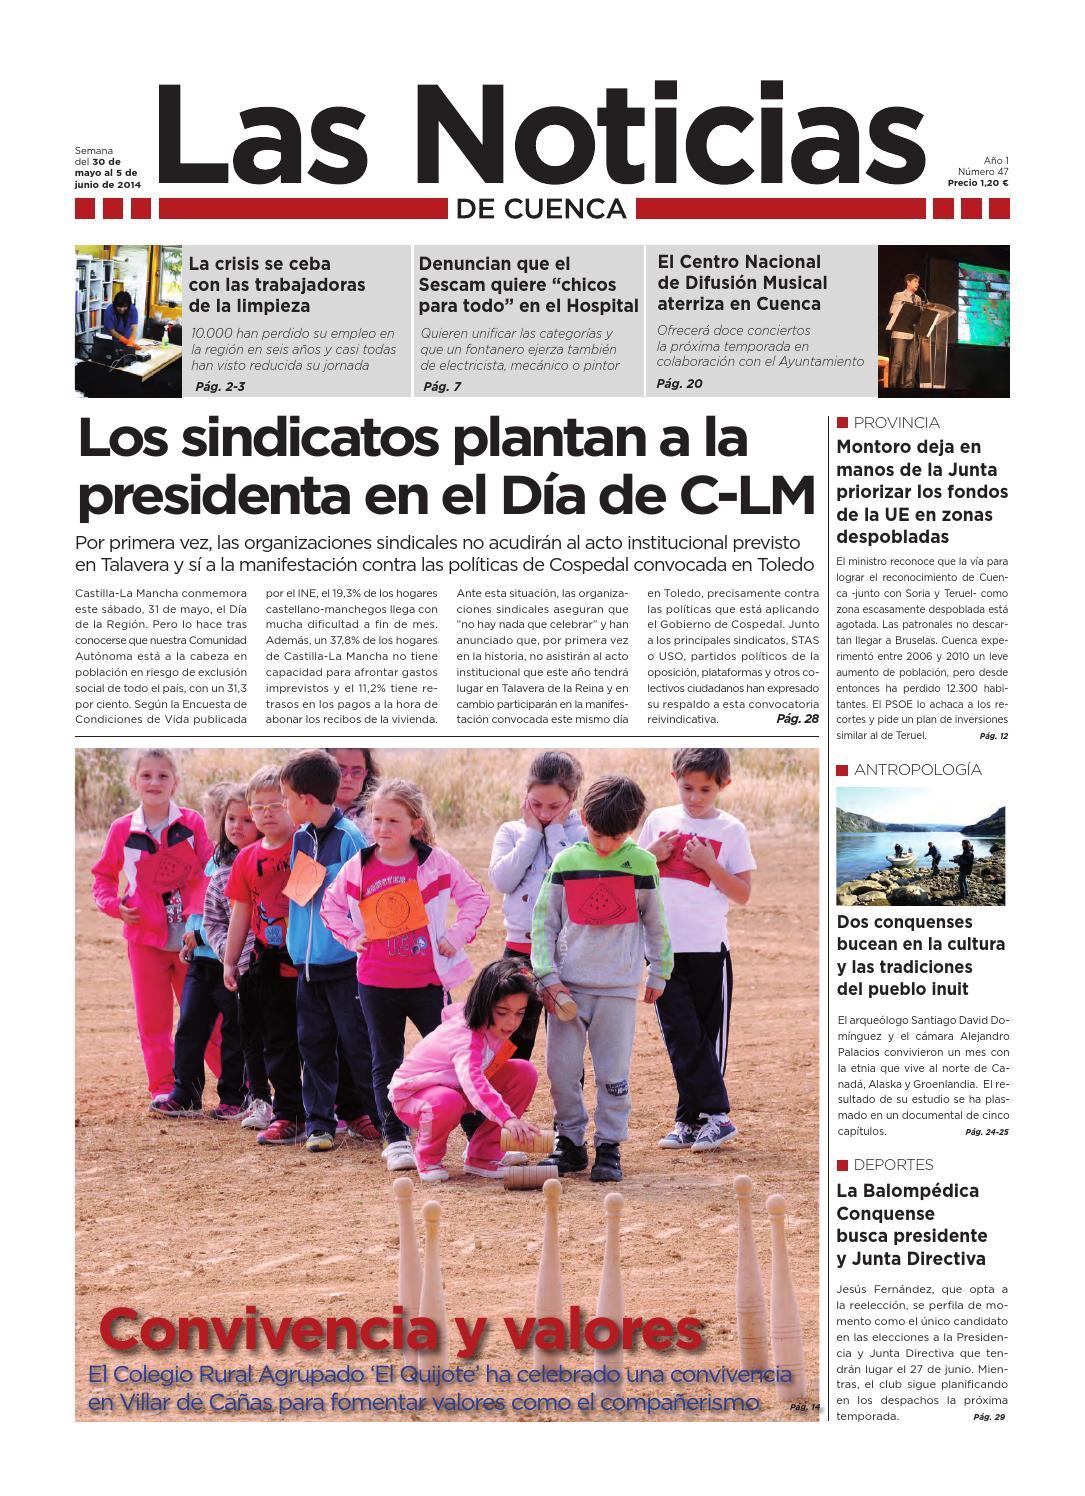 Las noticias de cuenca nº 47 by Las Noticias de Cuenca - issuu